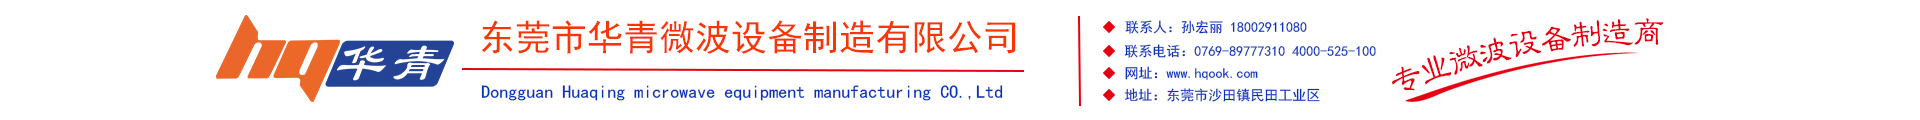 東莞市華青微波設備製造有限公司